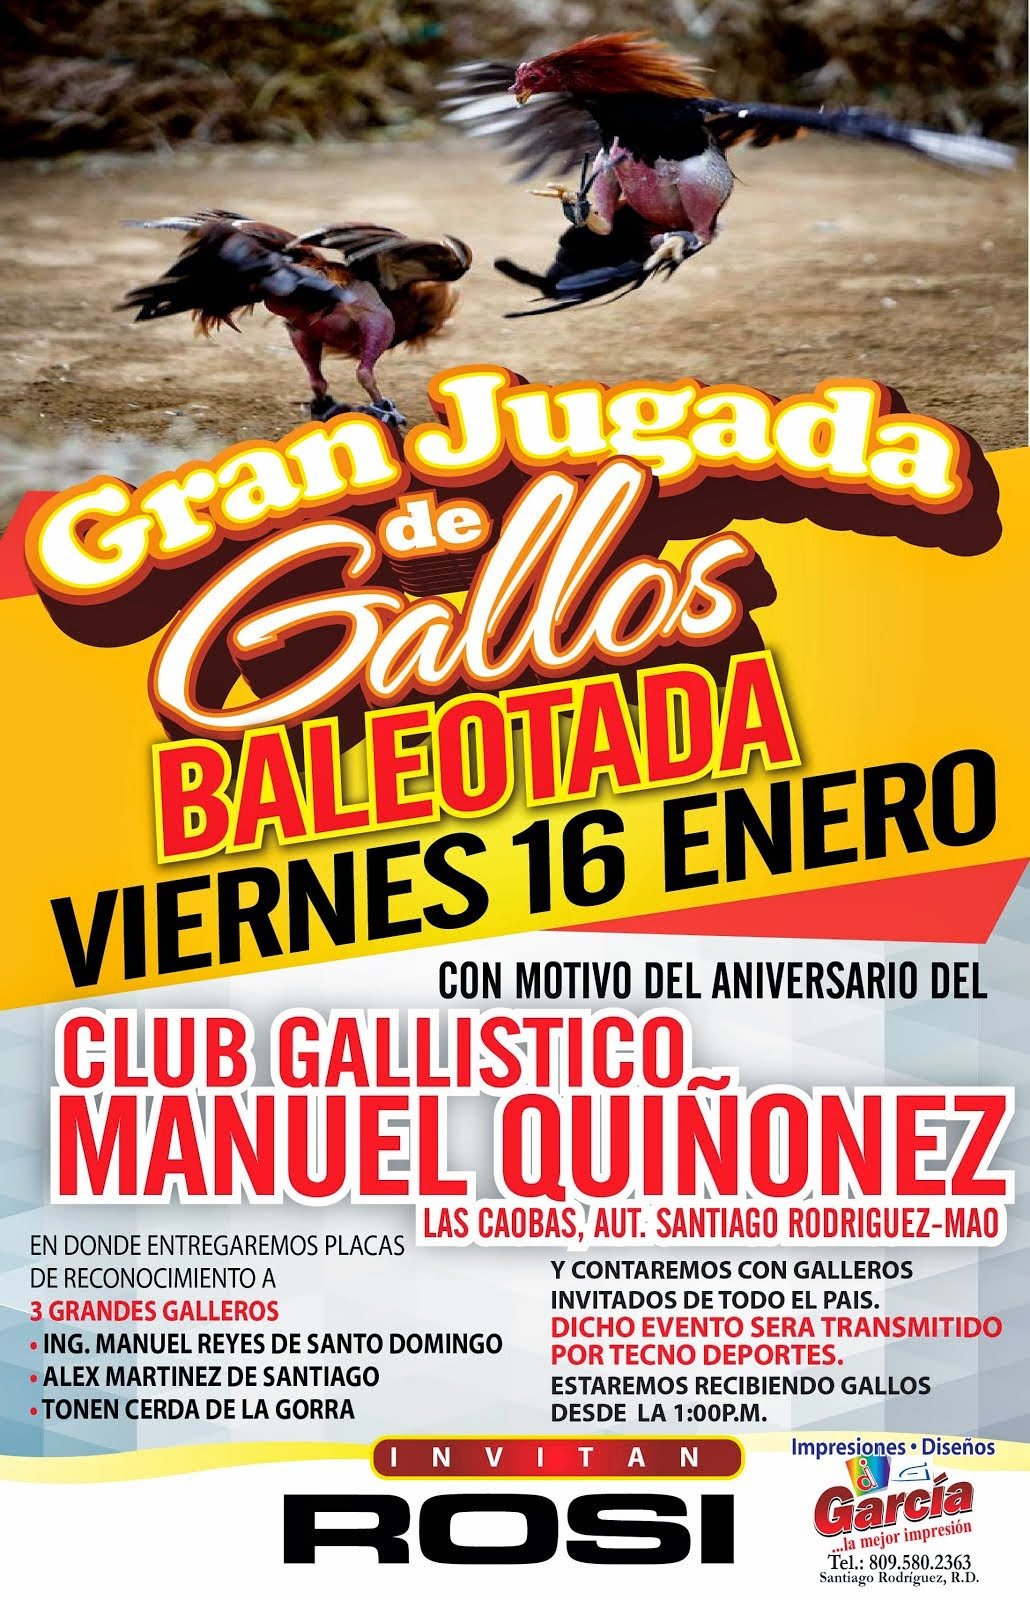 Gran Jugada Viernes 16 de Enero -  Club Gallístico Manuel Quiñonez -Las Caobas-Santiago Rodríguez